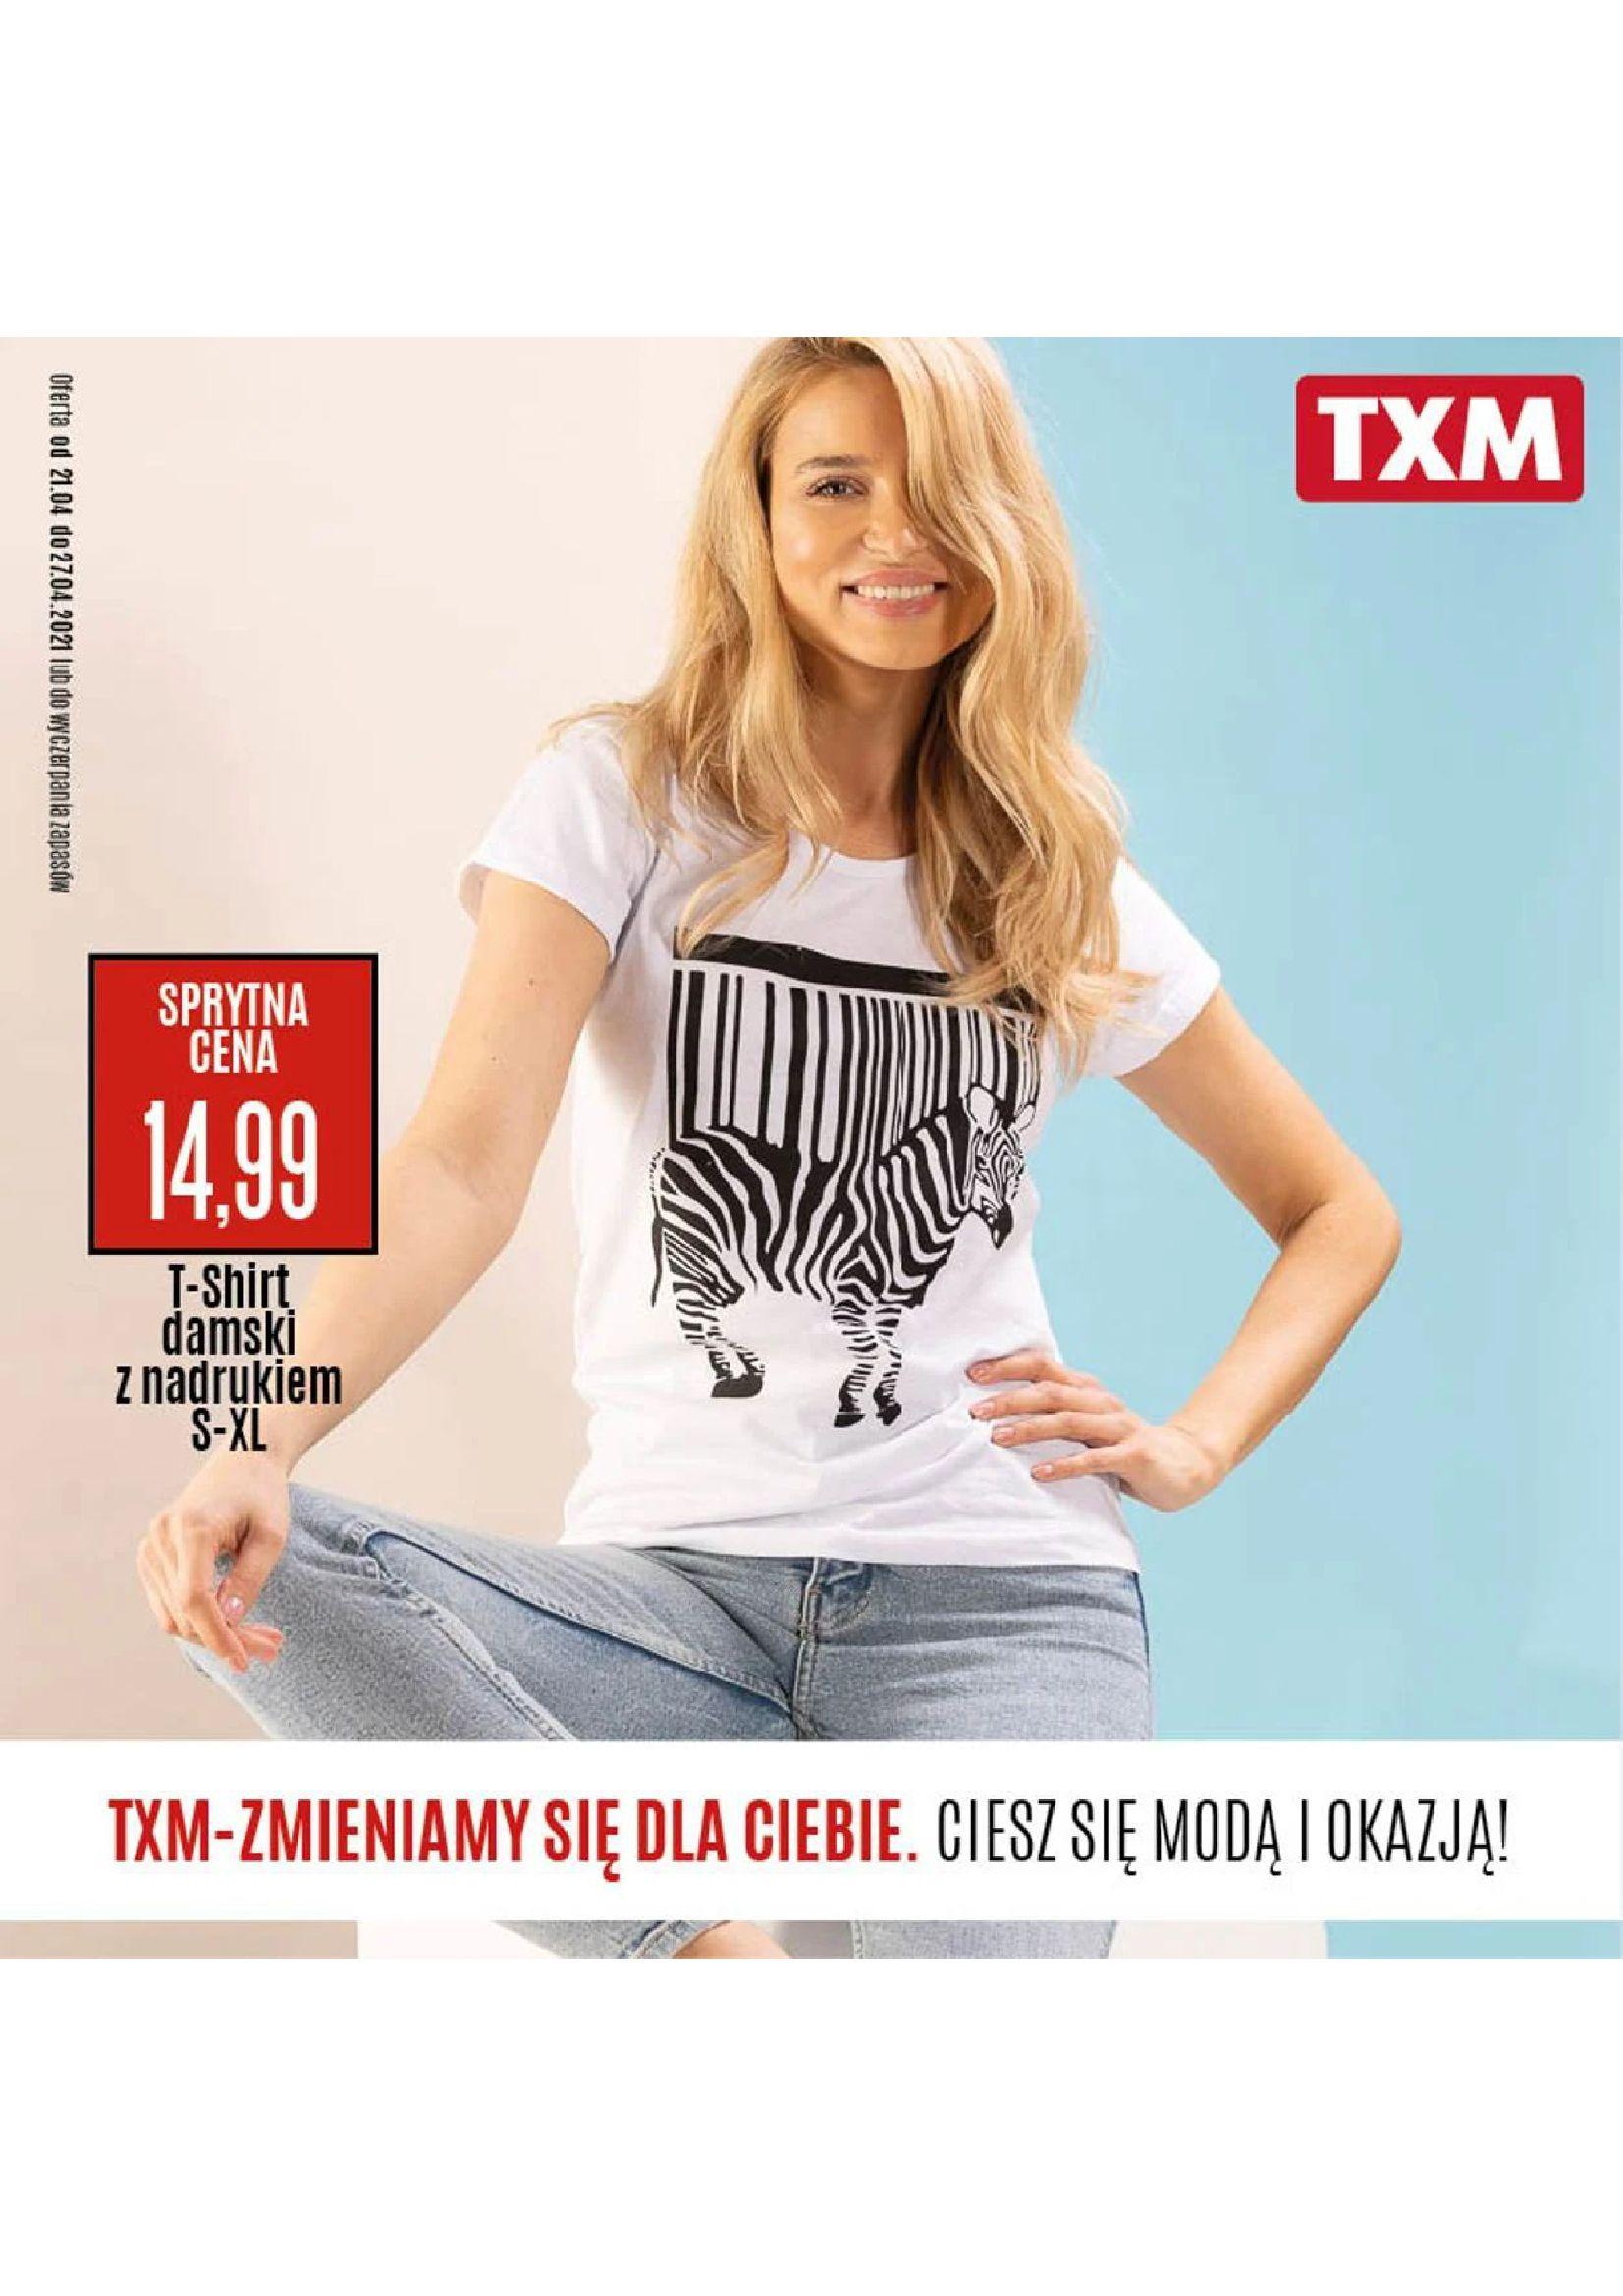 TXM textilmarket:  Gazetka promocyjna 20.04.2021